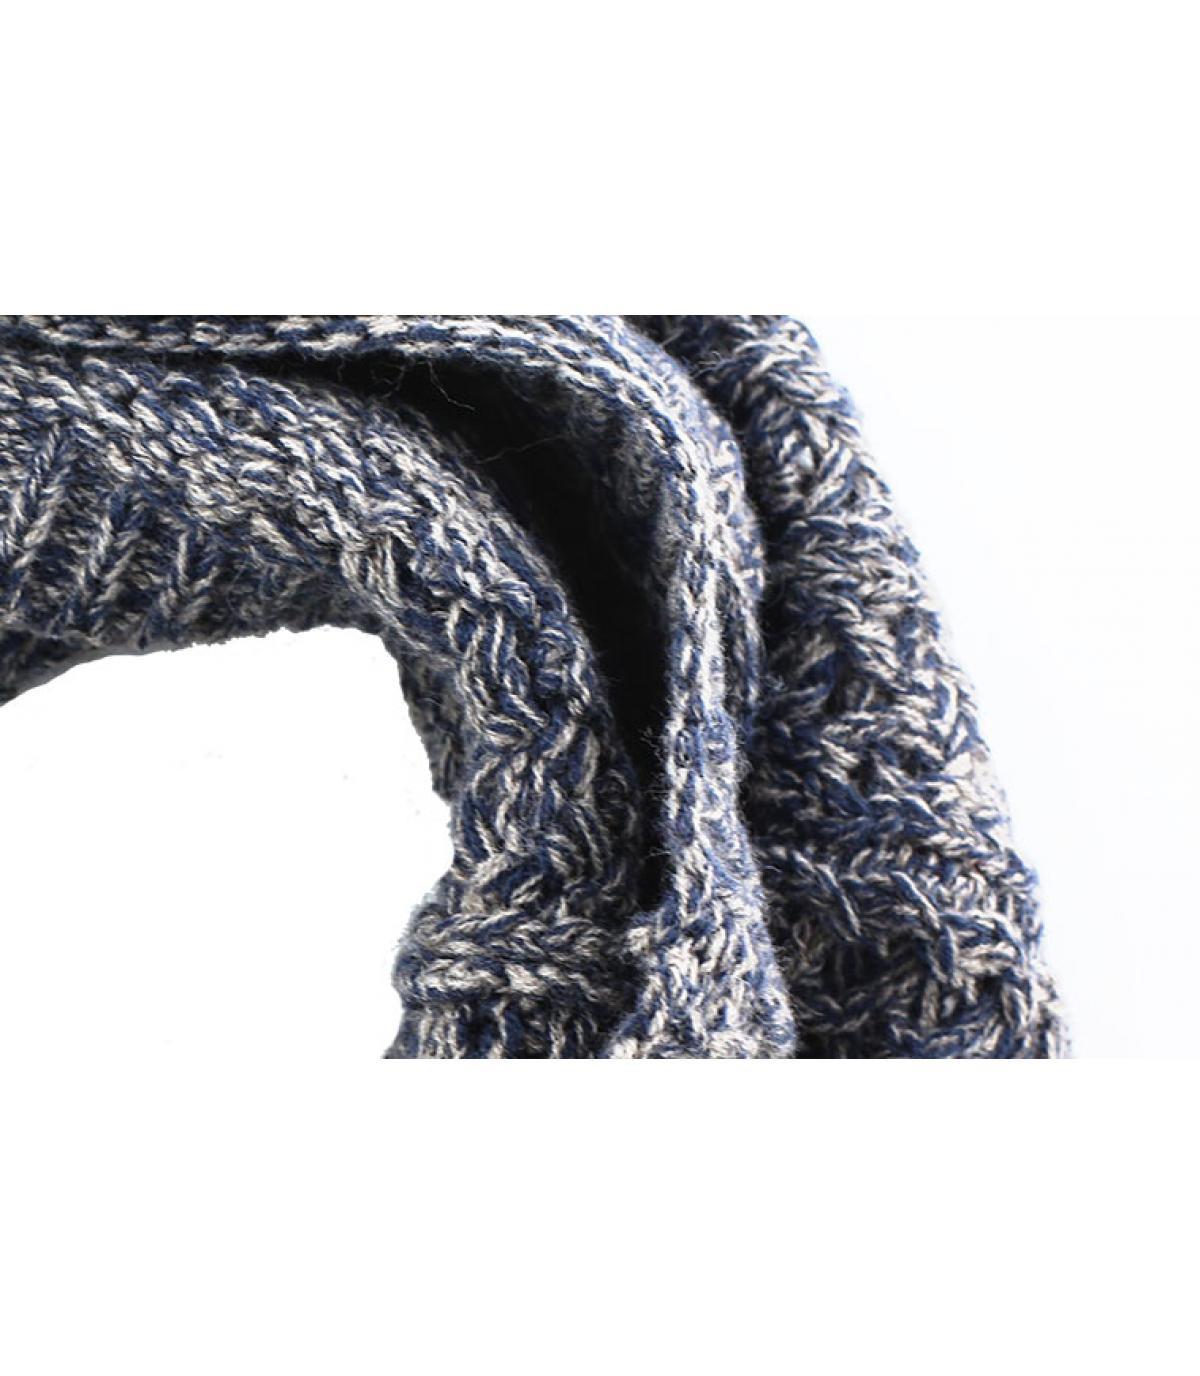 Détails Loop nutria marine - image 2